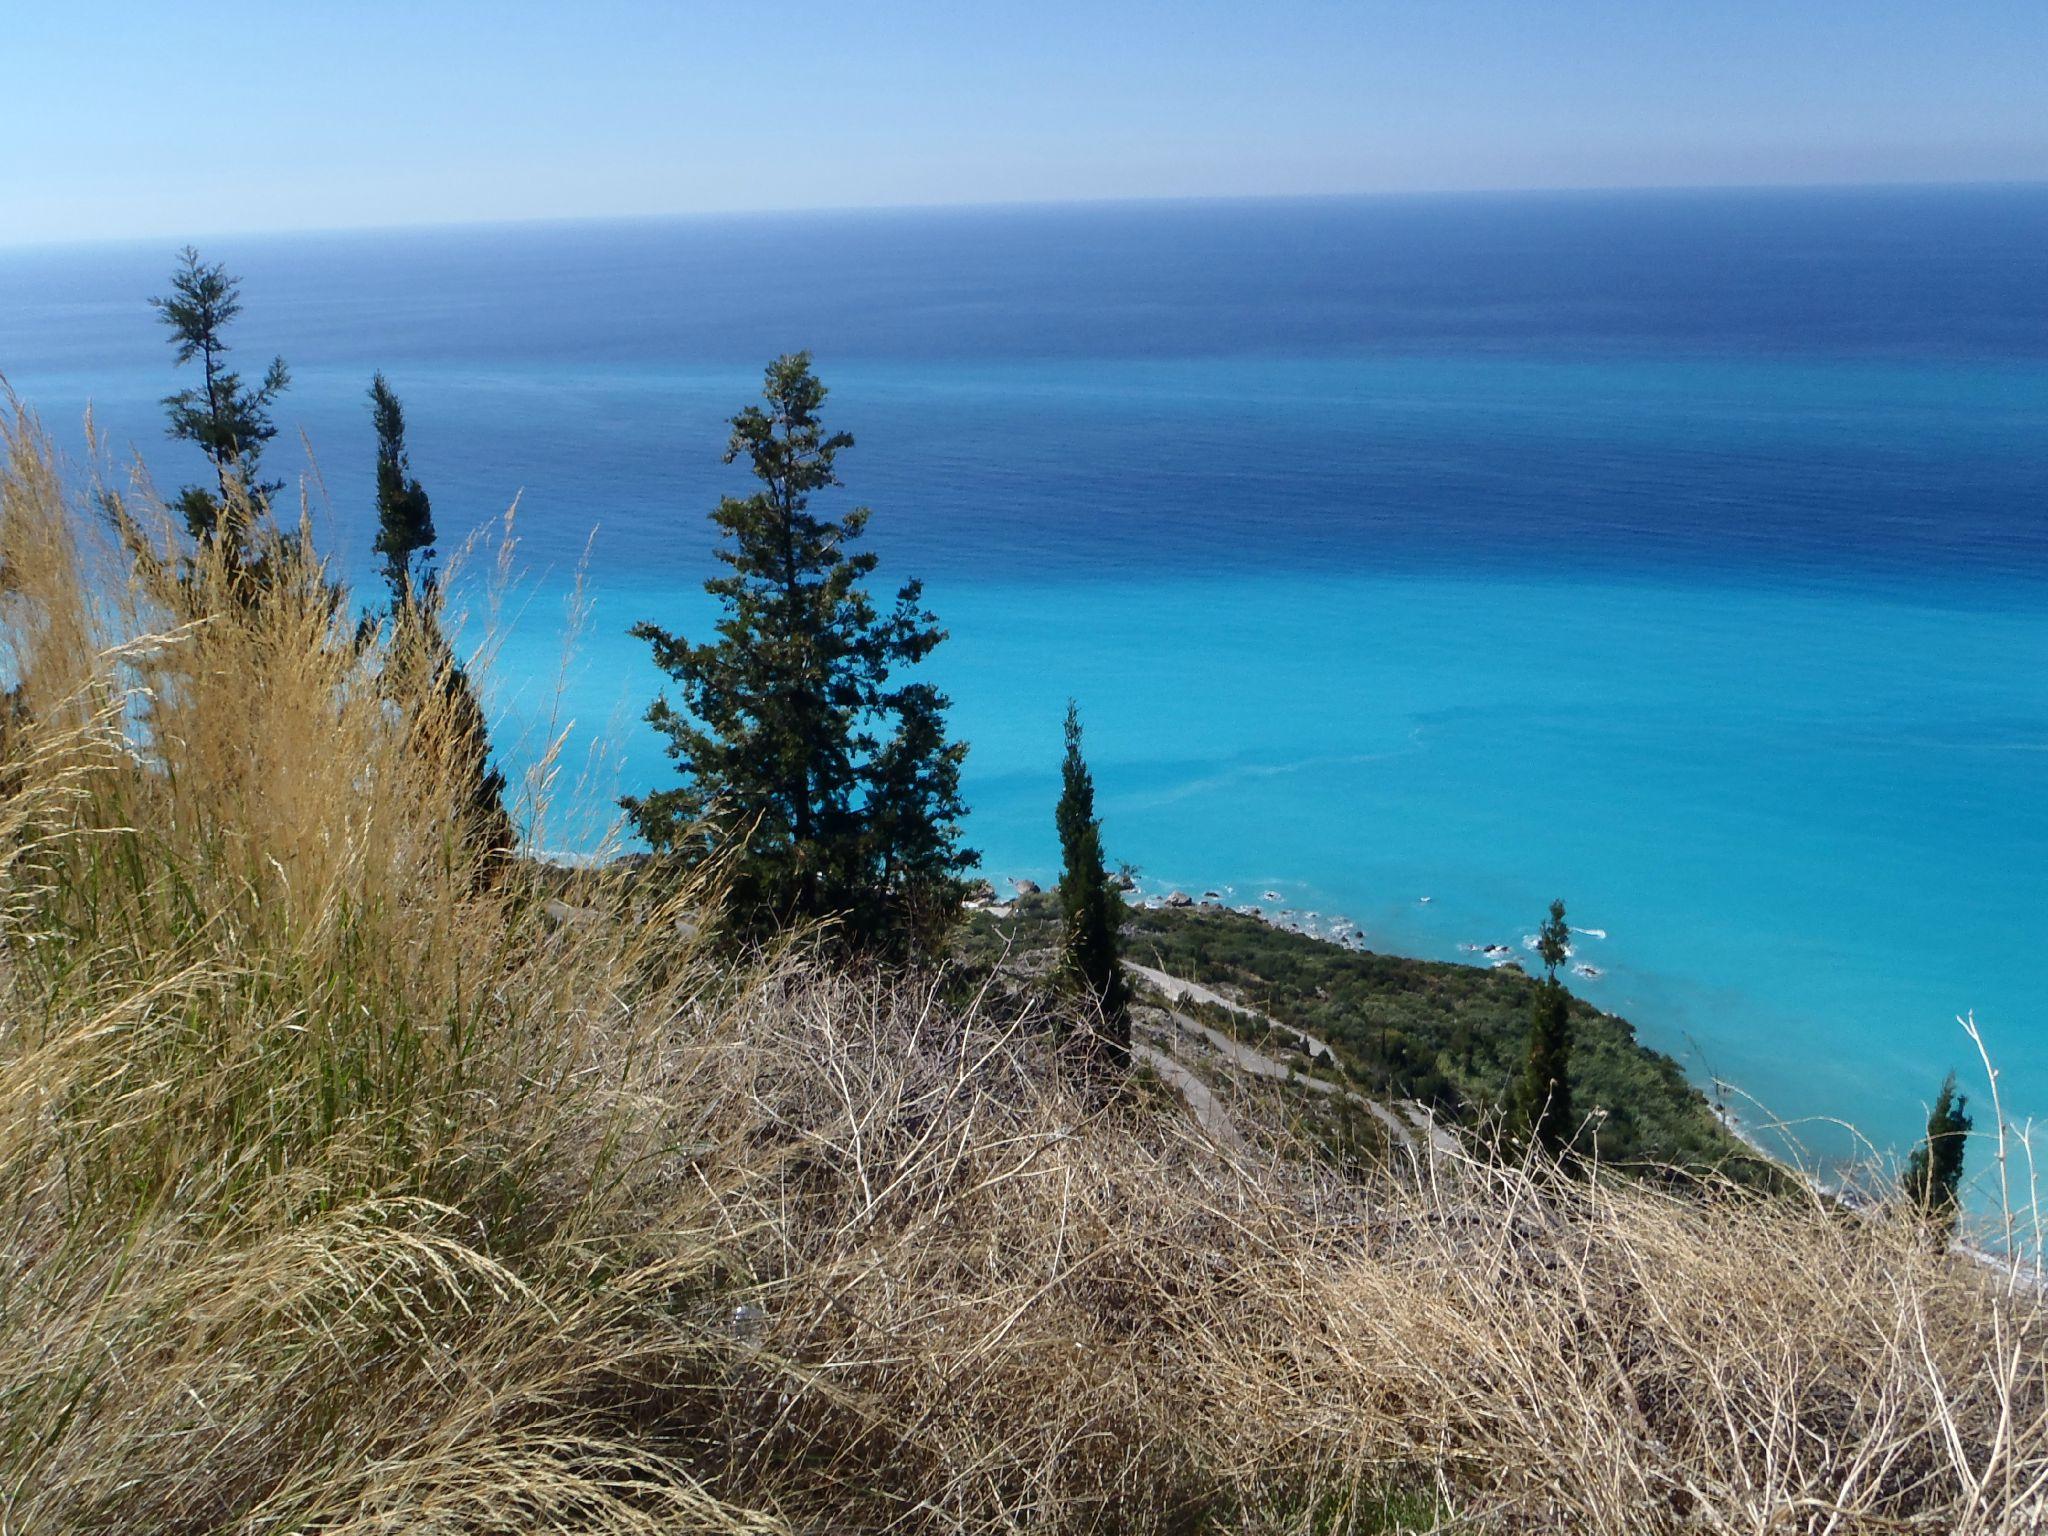 grèce lefkas les plages convoitées par les vendeurs de cartes postales